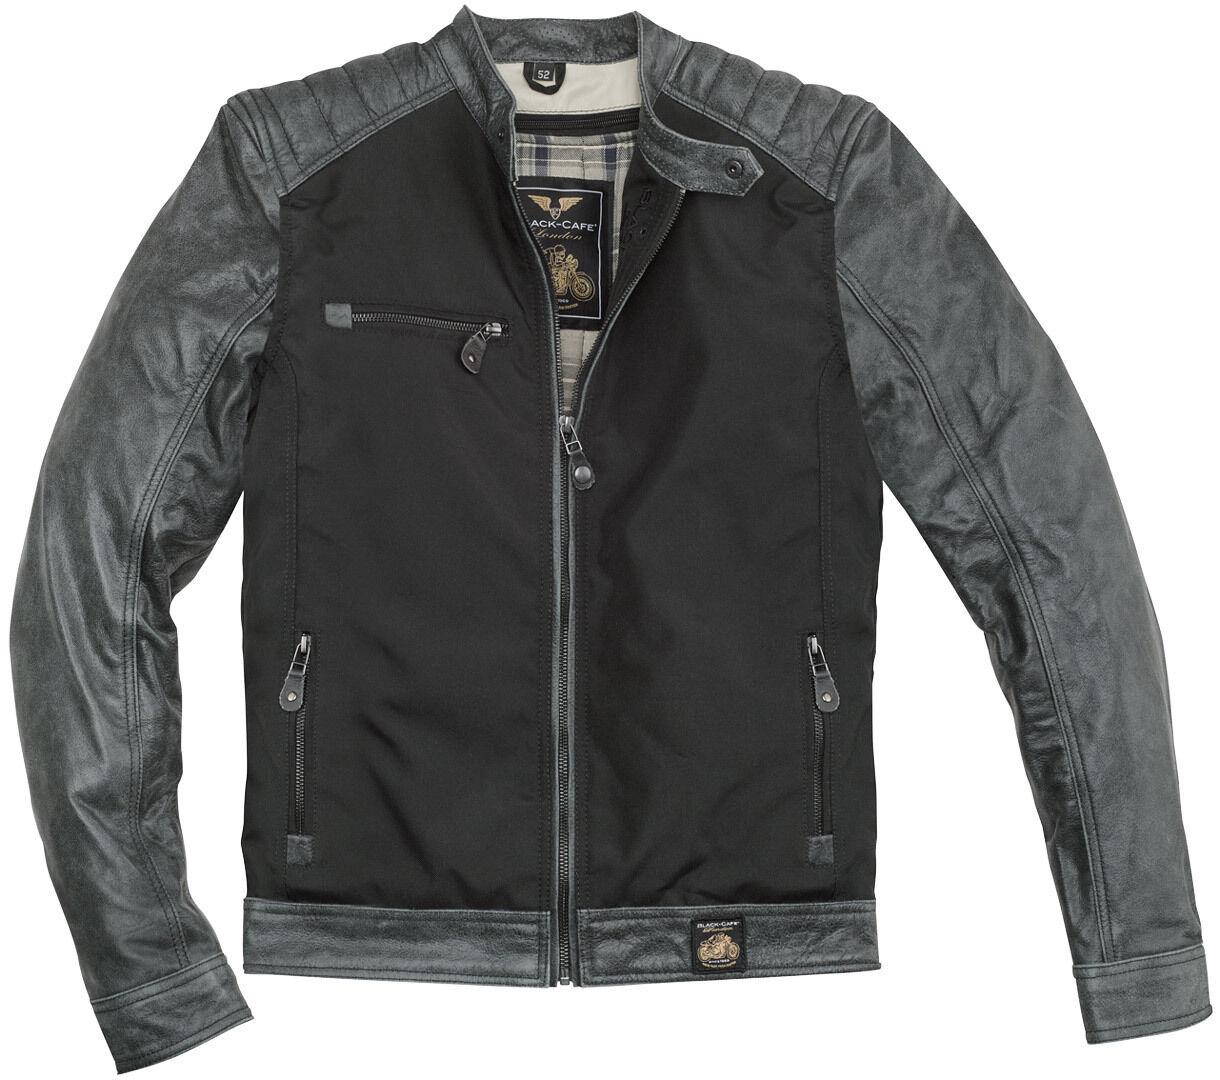 Black-Cafe London Johannesburg Moto Cuir- / Veste textile Noir Gris taille : 56